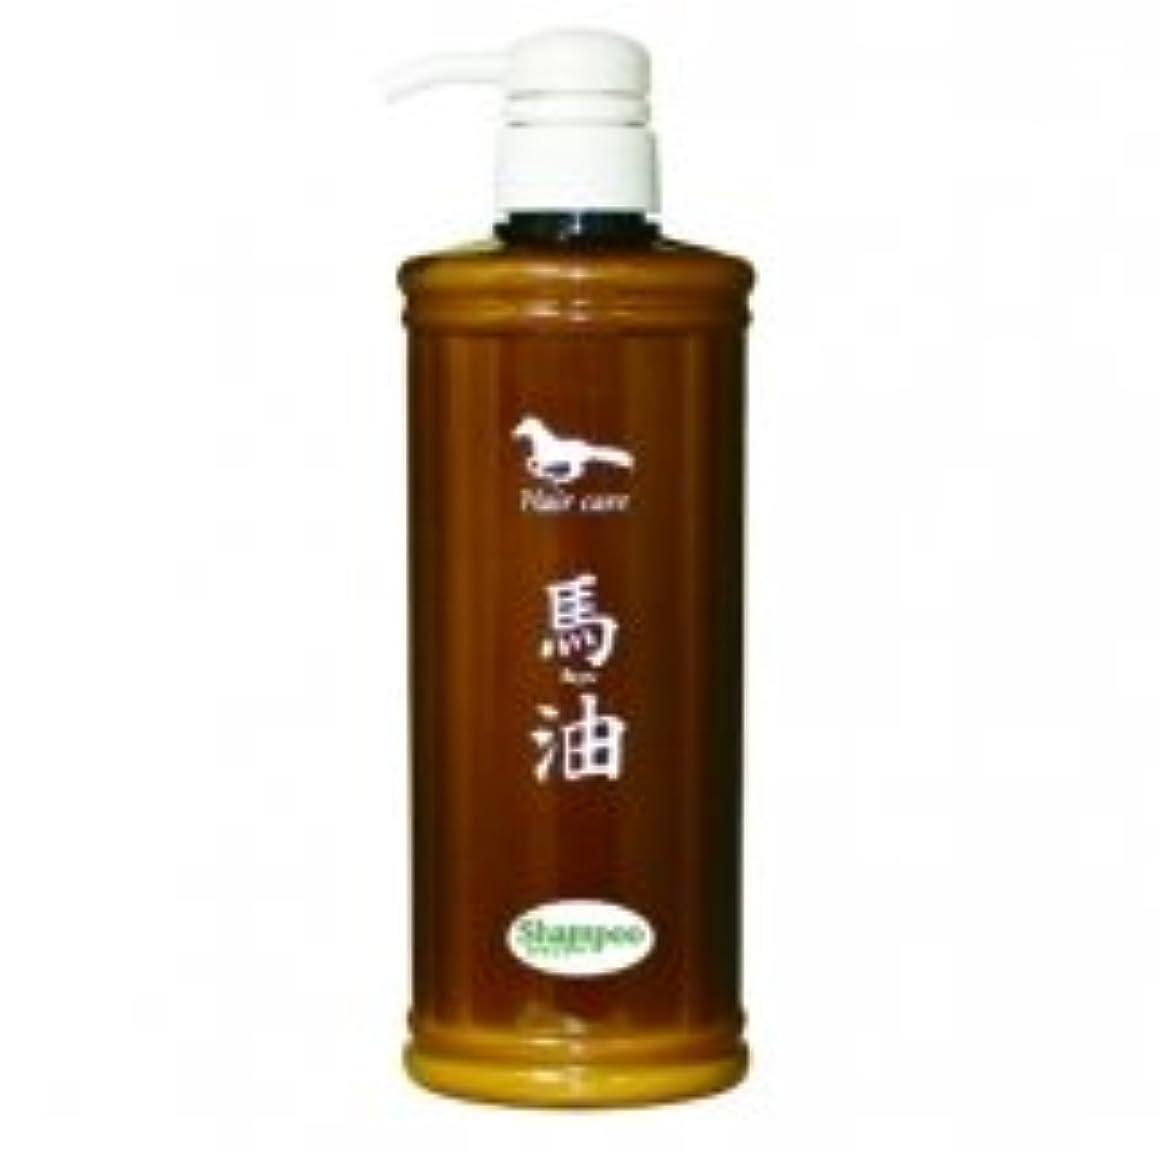 アルミニウムバッグひそかにりりか AKシャンプー 馬油シャンプー 馬油が髪を保護、しっとりうるおう仕上がり 無添加 日本製